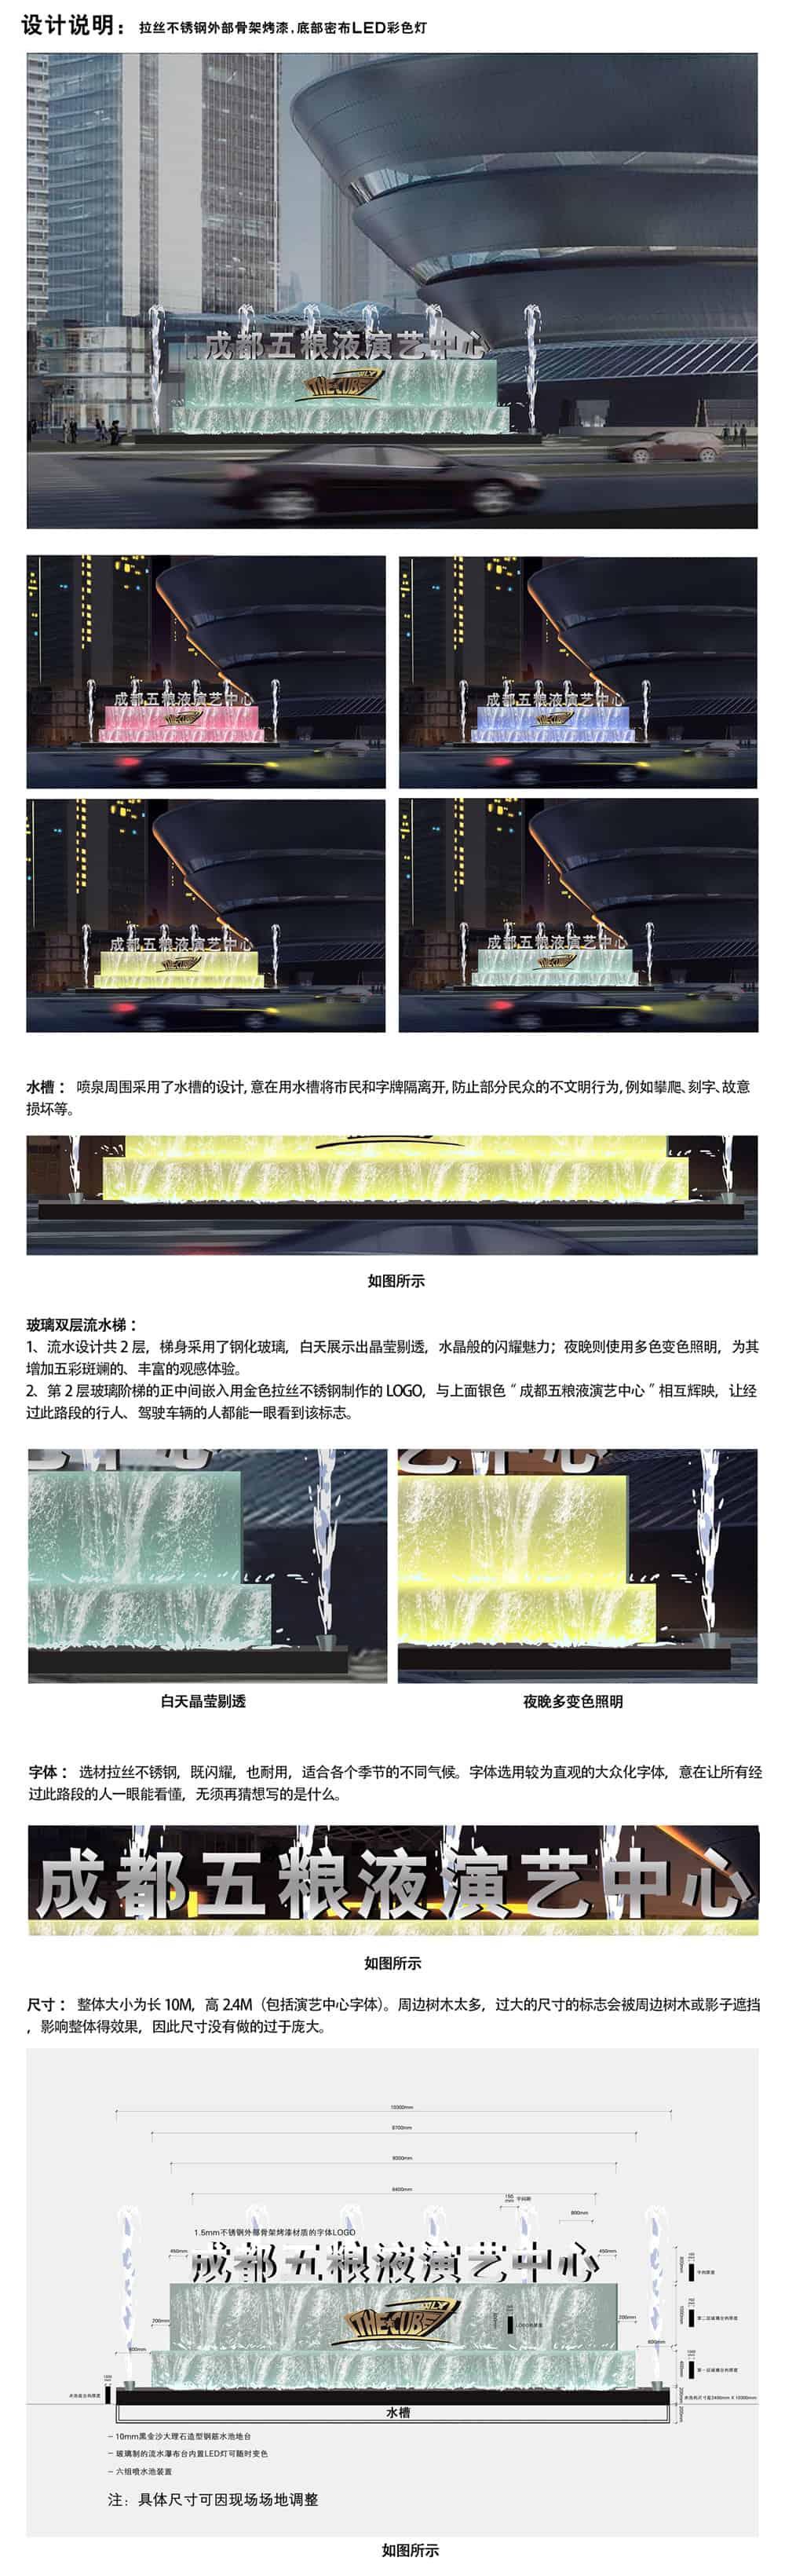 成都五粮液演艺中心入口喷泉